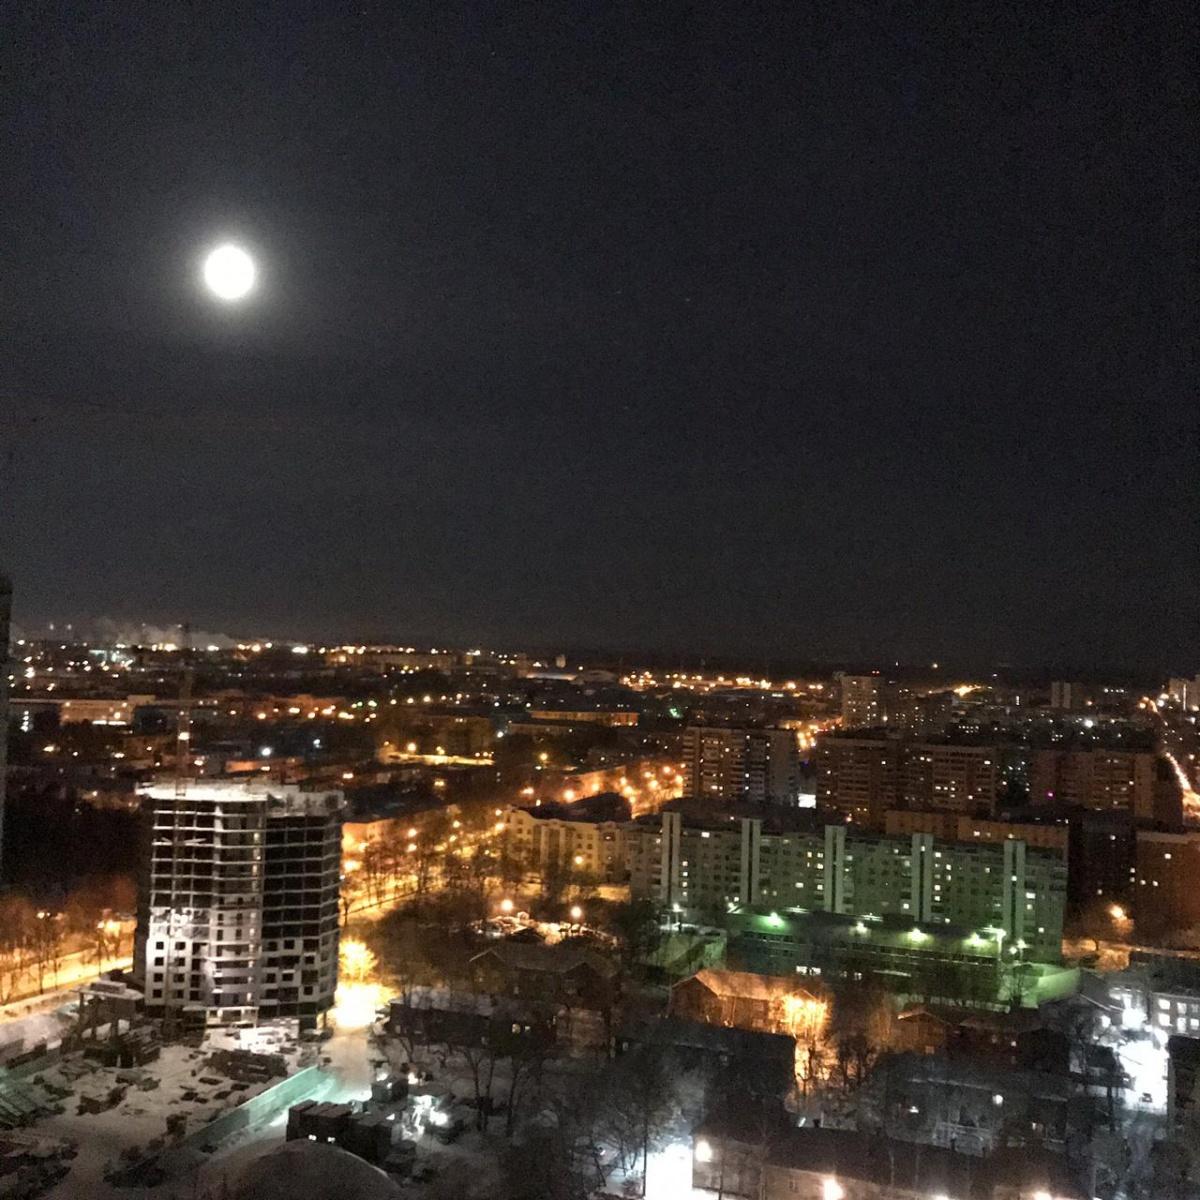 Луна подошла на минимальное расстояние к Земле: публикуем фото и видео суперлуния над Екатеринбургом